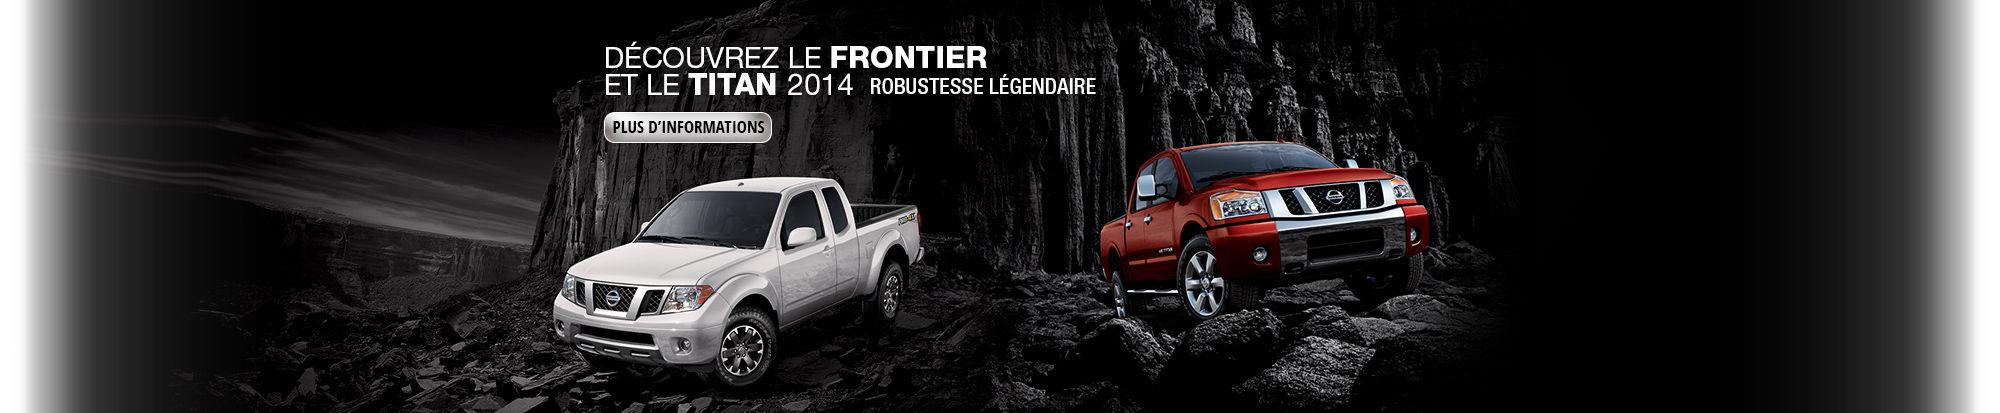 Frontier et Titan 2014